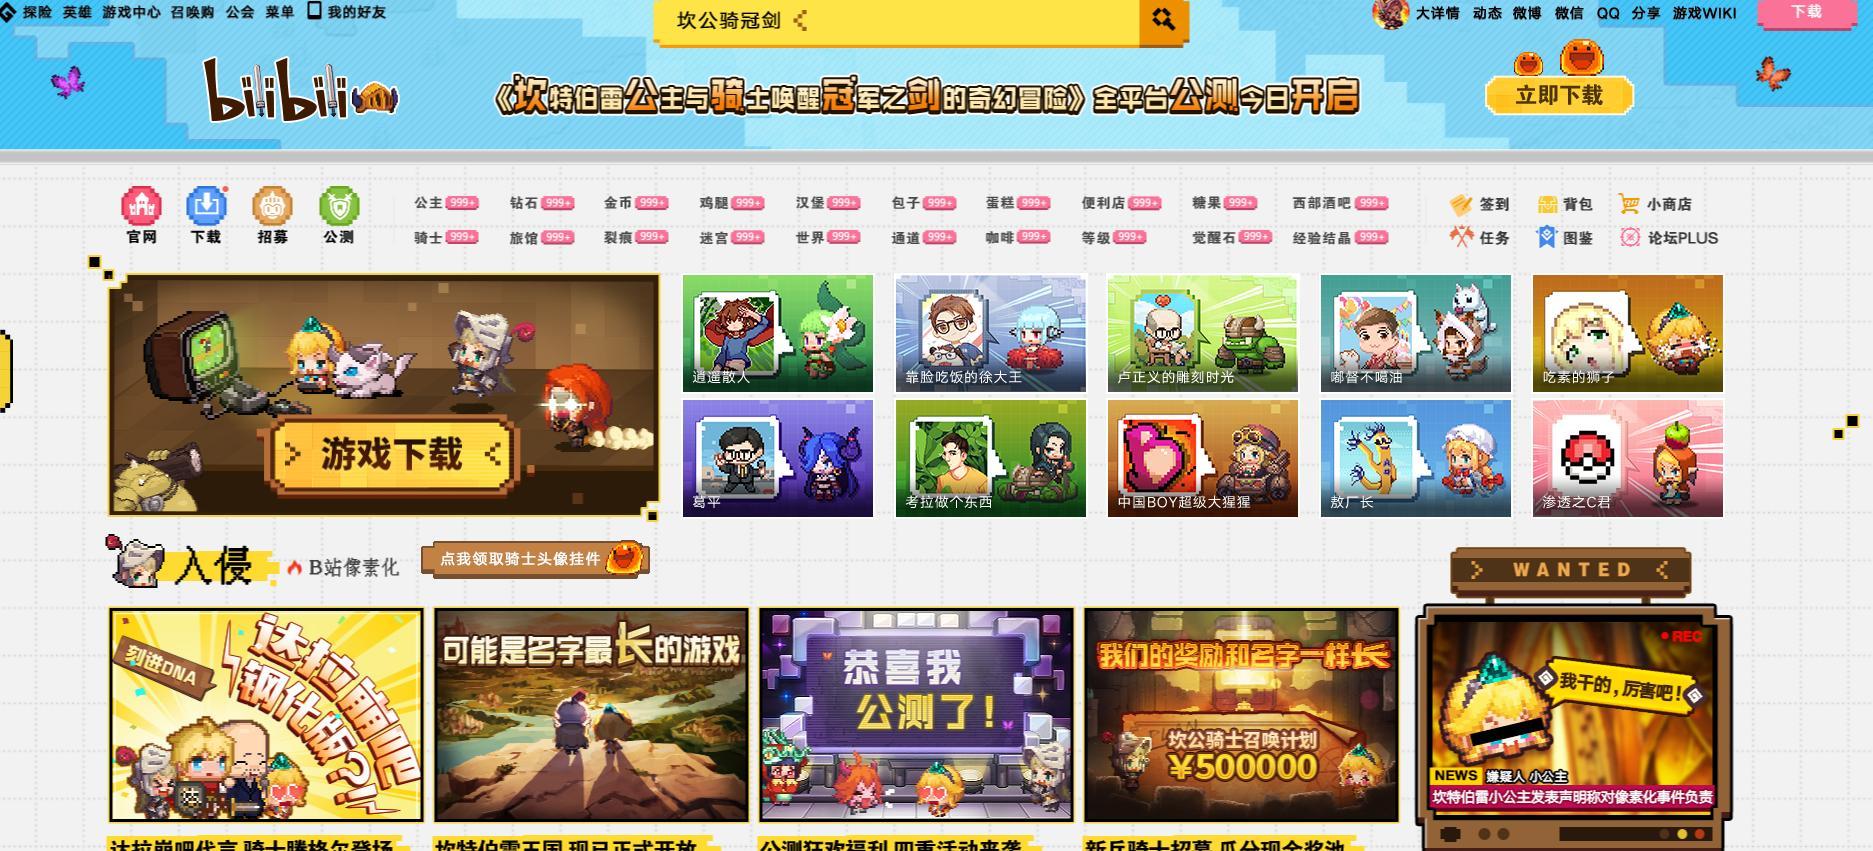 B站游戏发行又一次火力全开-Gamewower